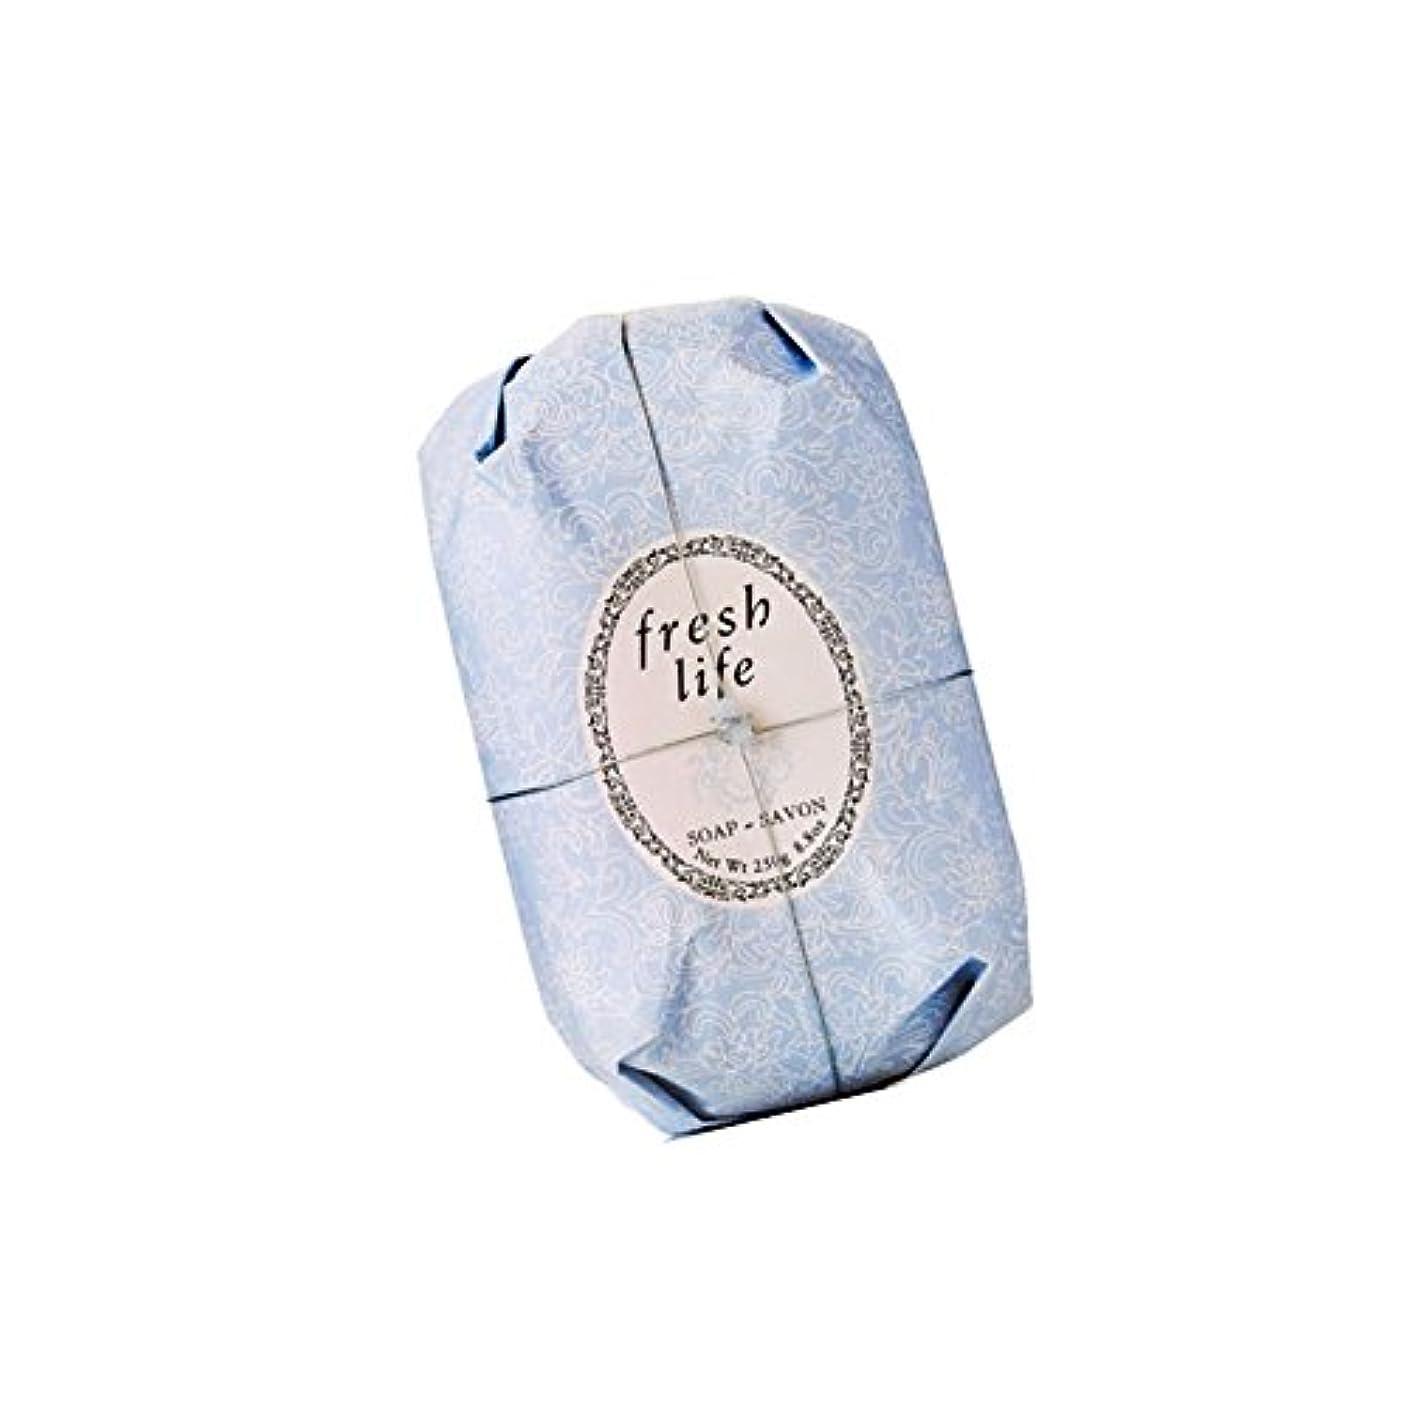 打ち負かすアイスクリームバーゲンFresh フレッシュ Life Soap 石鹸, 250g/8.8oz. [海外直送品] [並行輸入品]